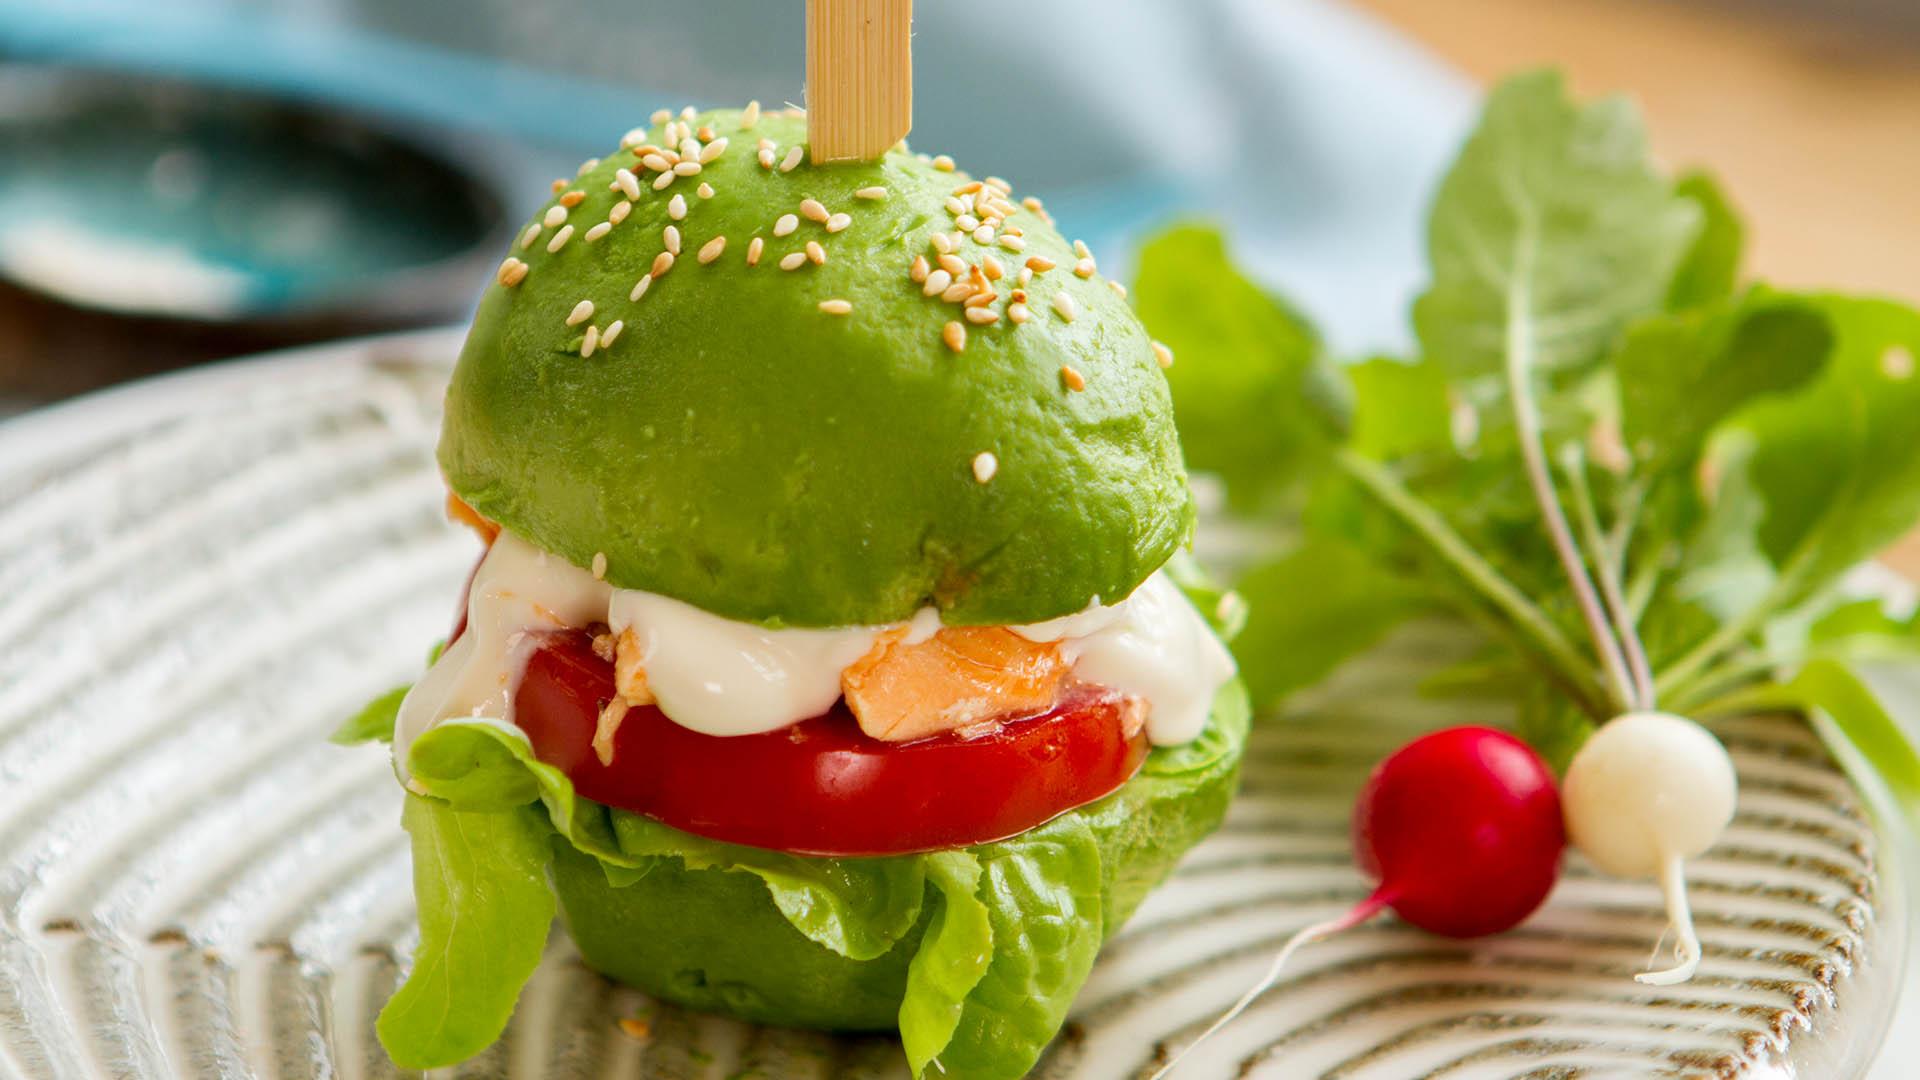 Avocado salmon salad burger - Seafood Experts